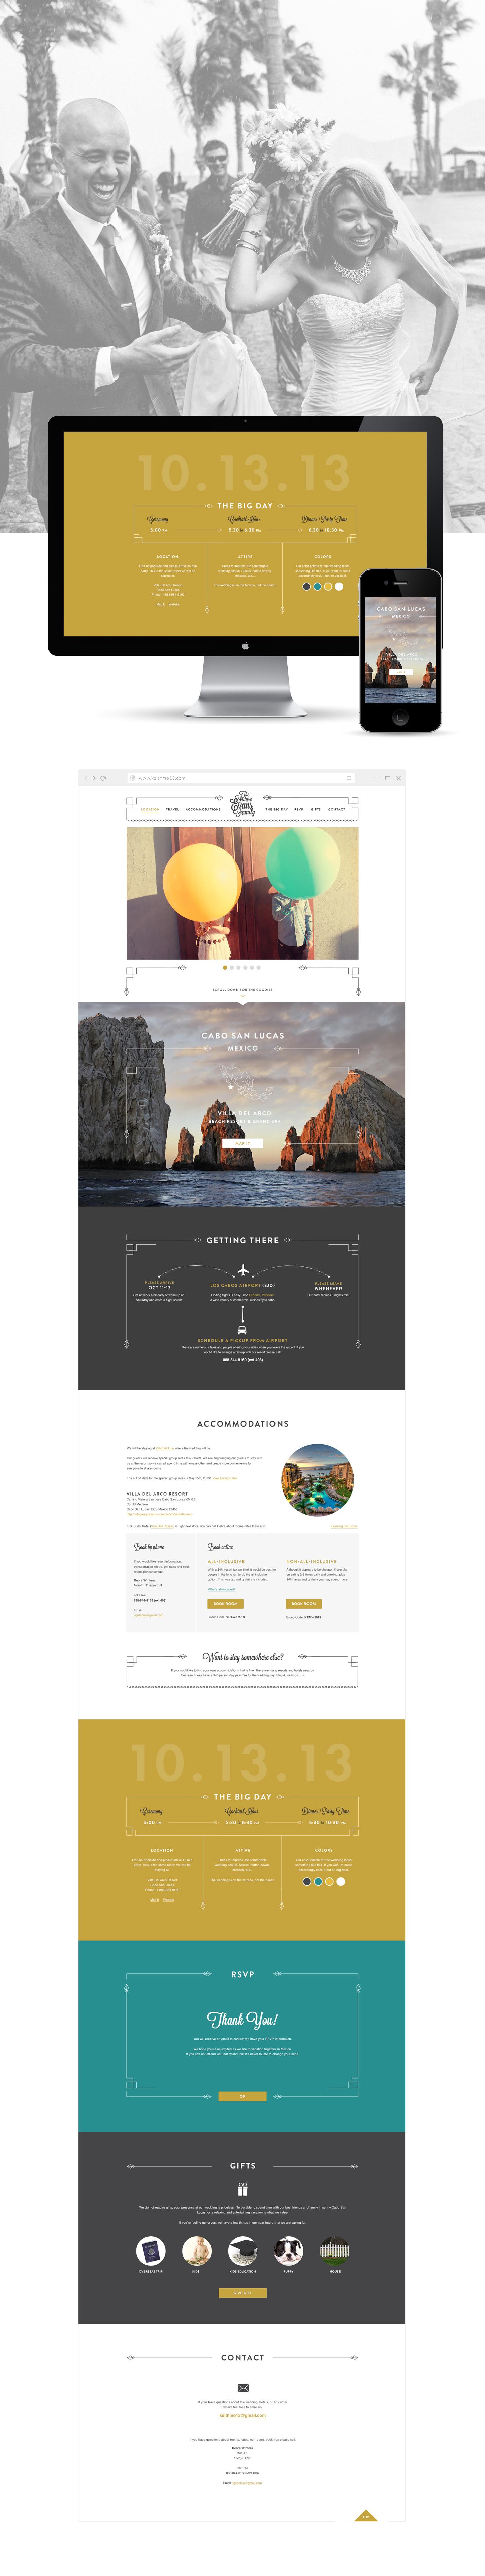 K+M responsive website design by KeithEvans.com